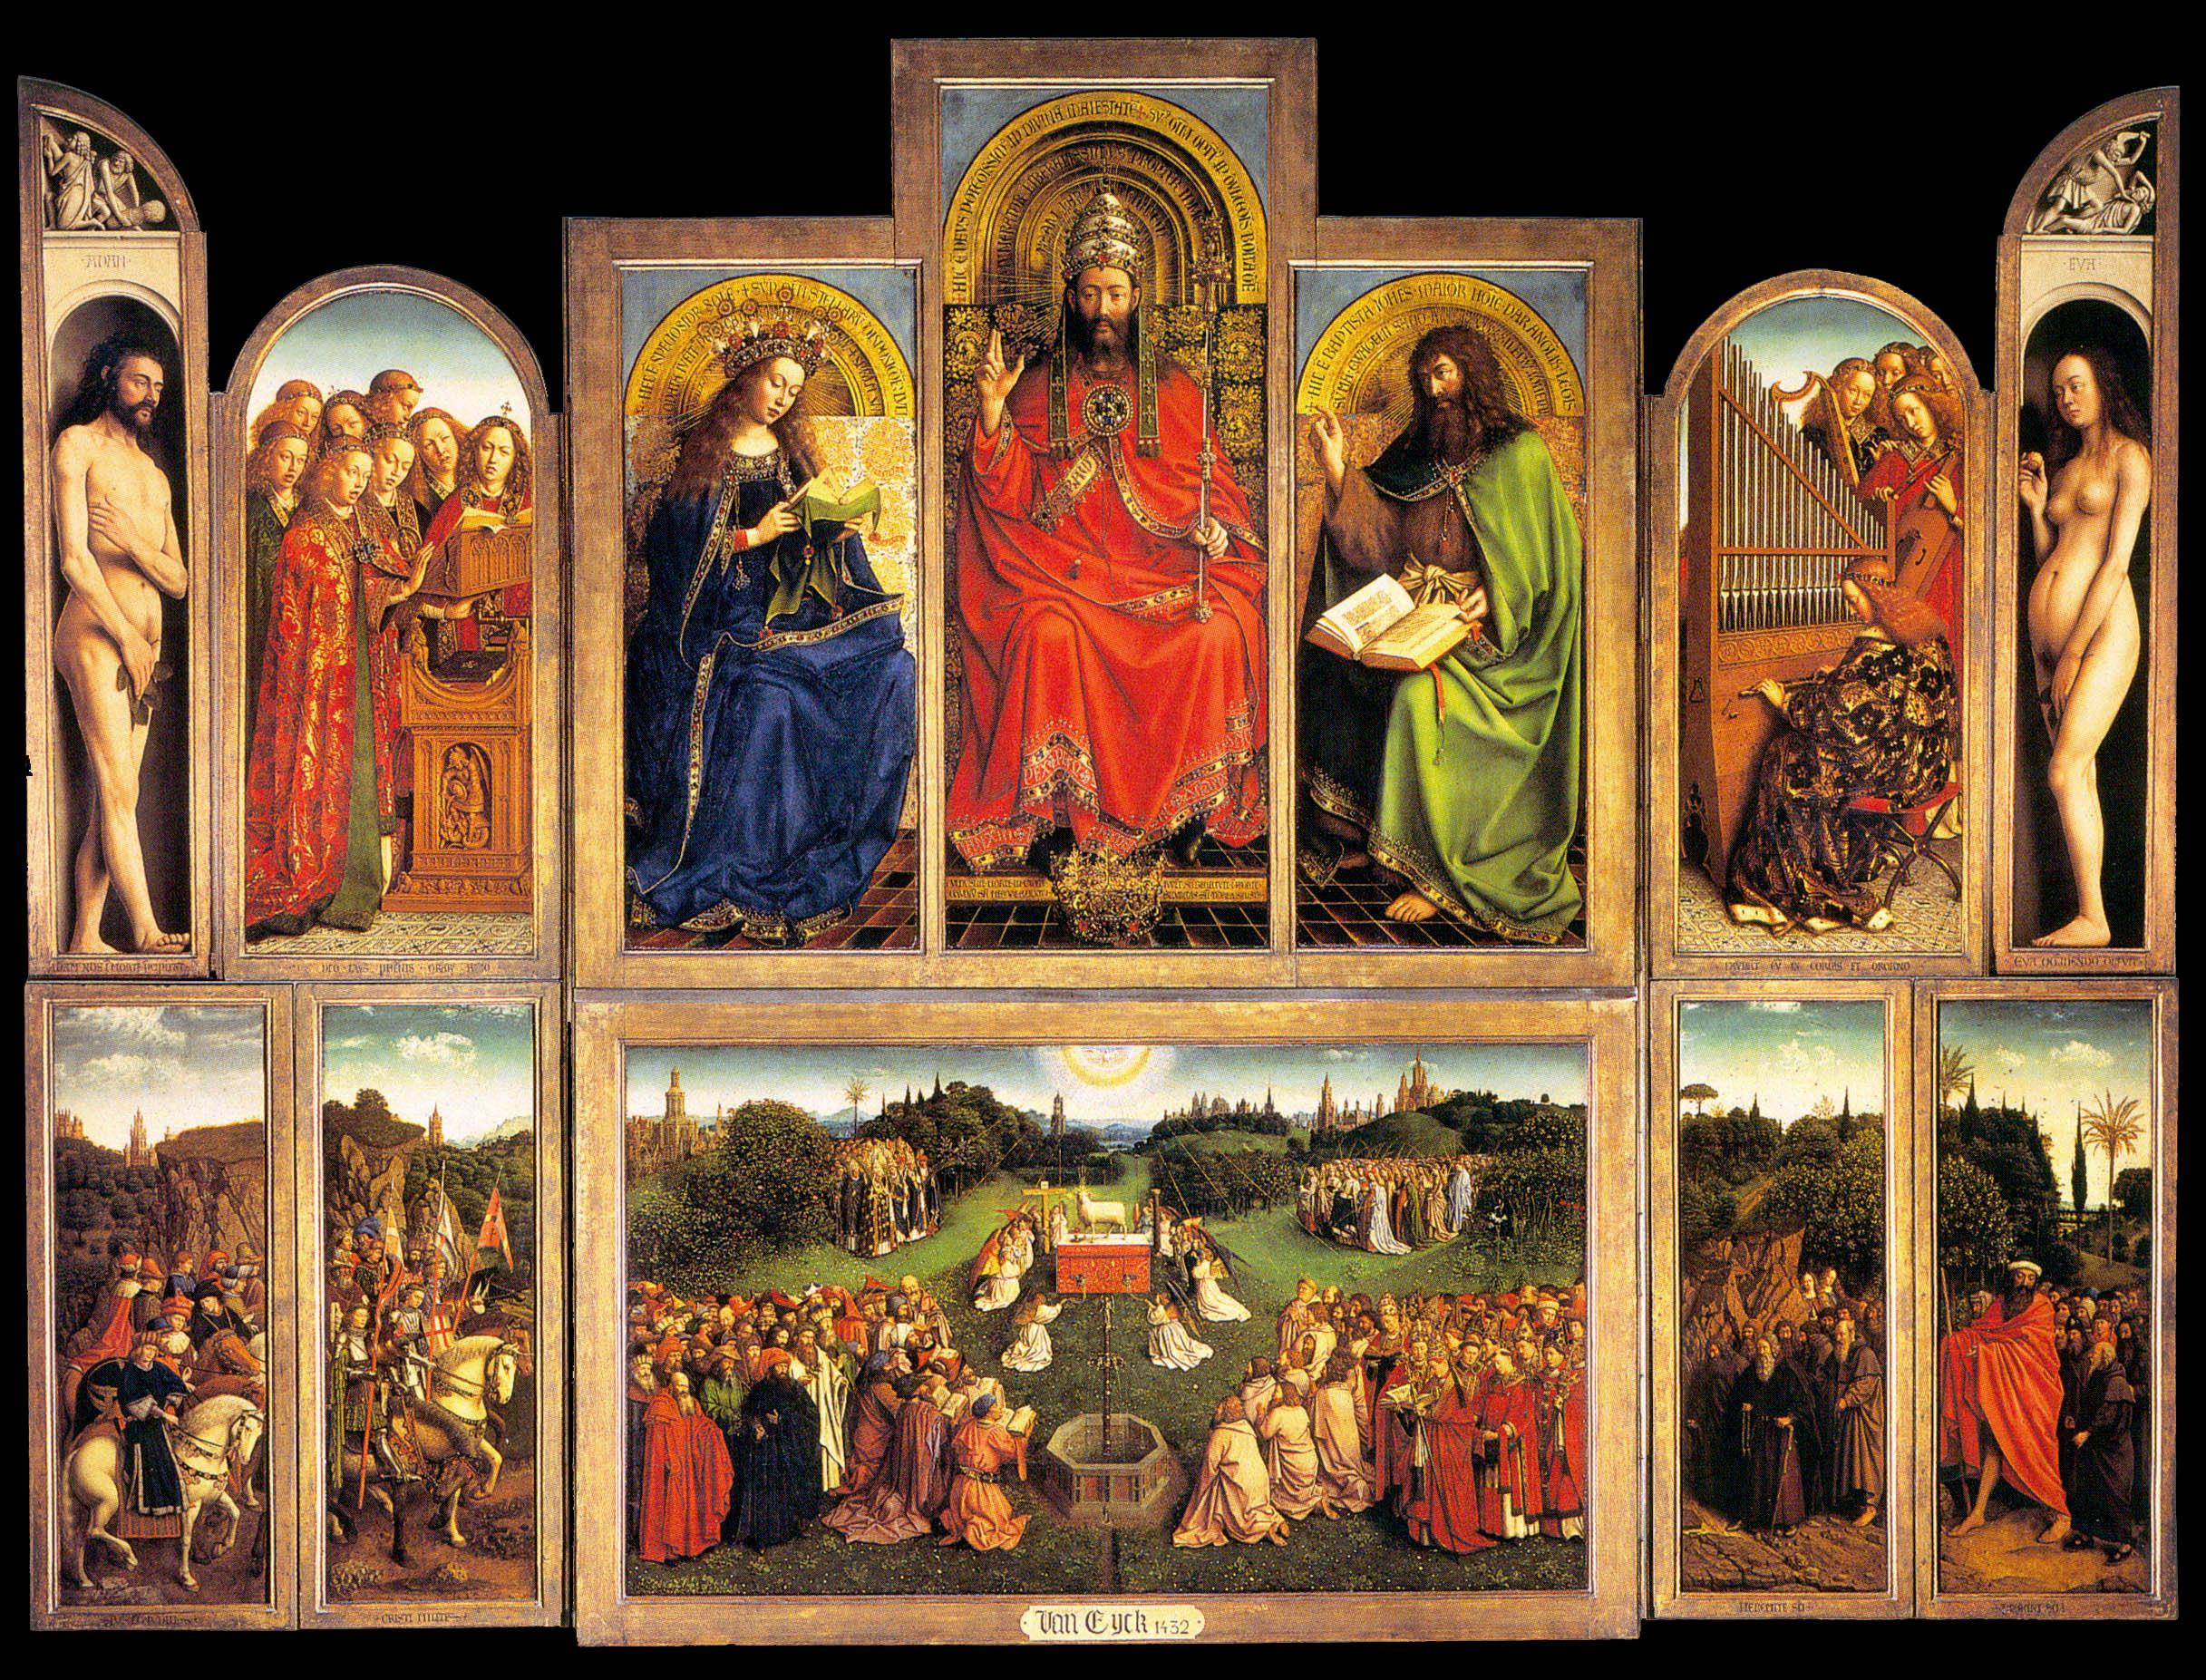 Van eyck, Ghent Altarpiece (open), 1432, 11.5' x 14.5'